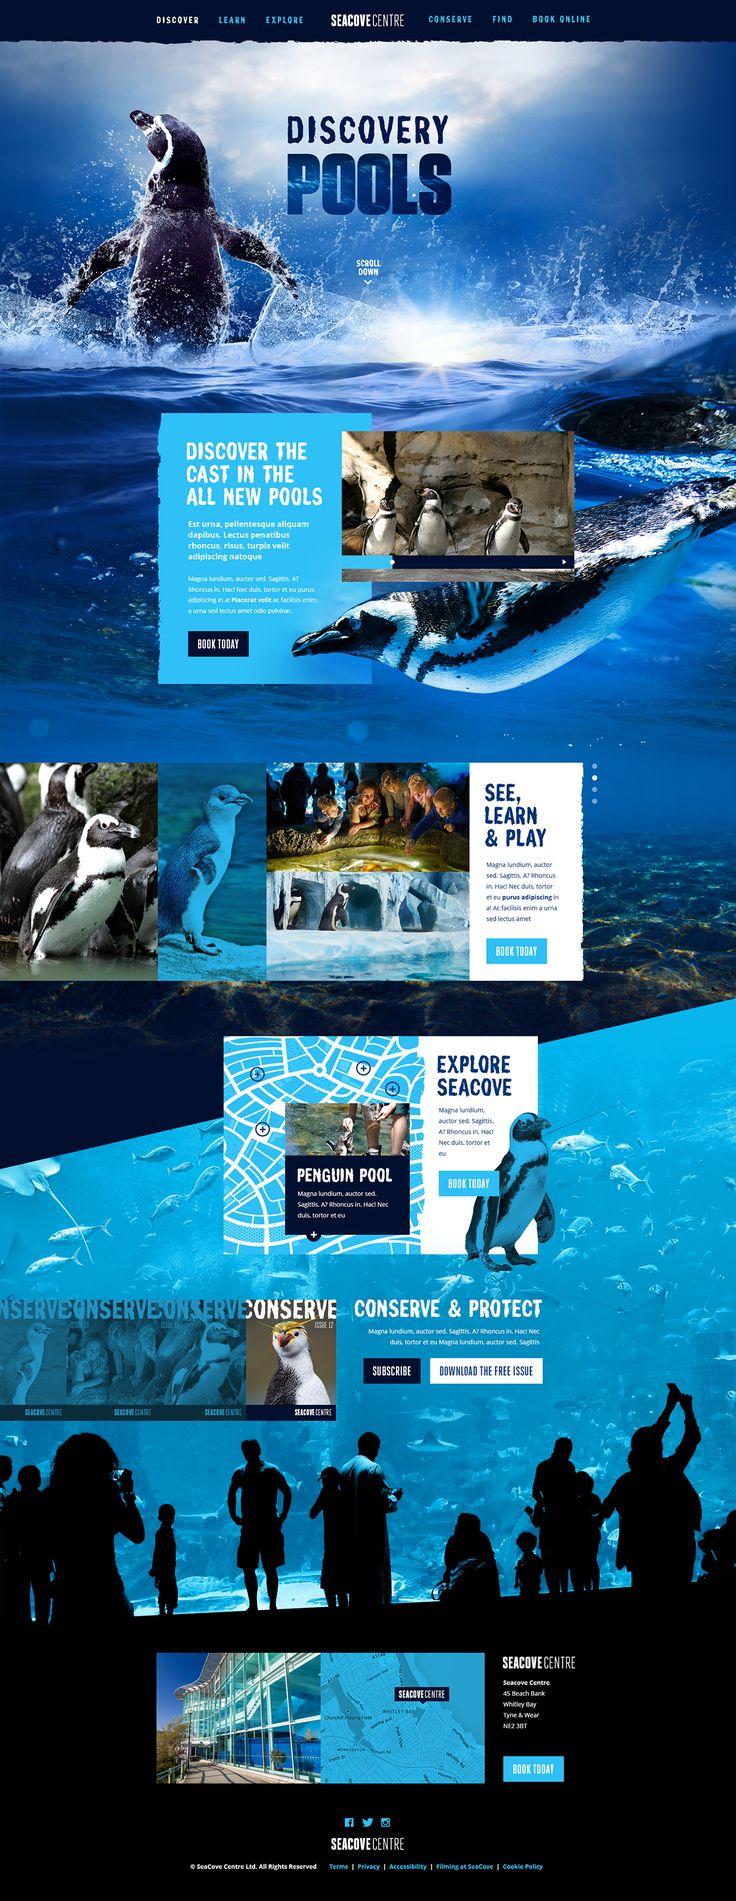 net magazine Design Challenge